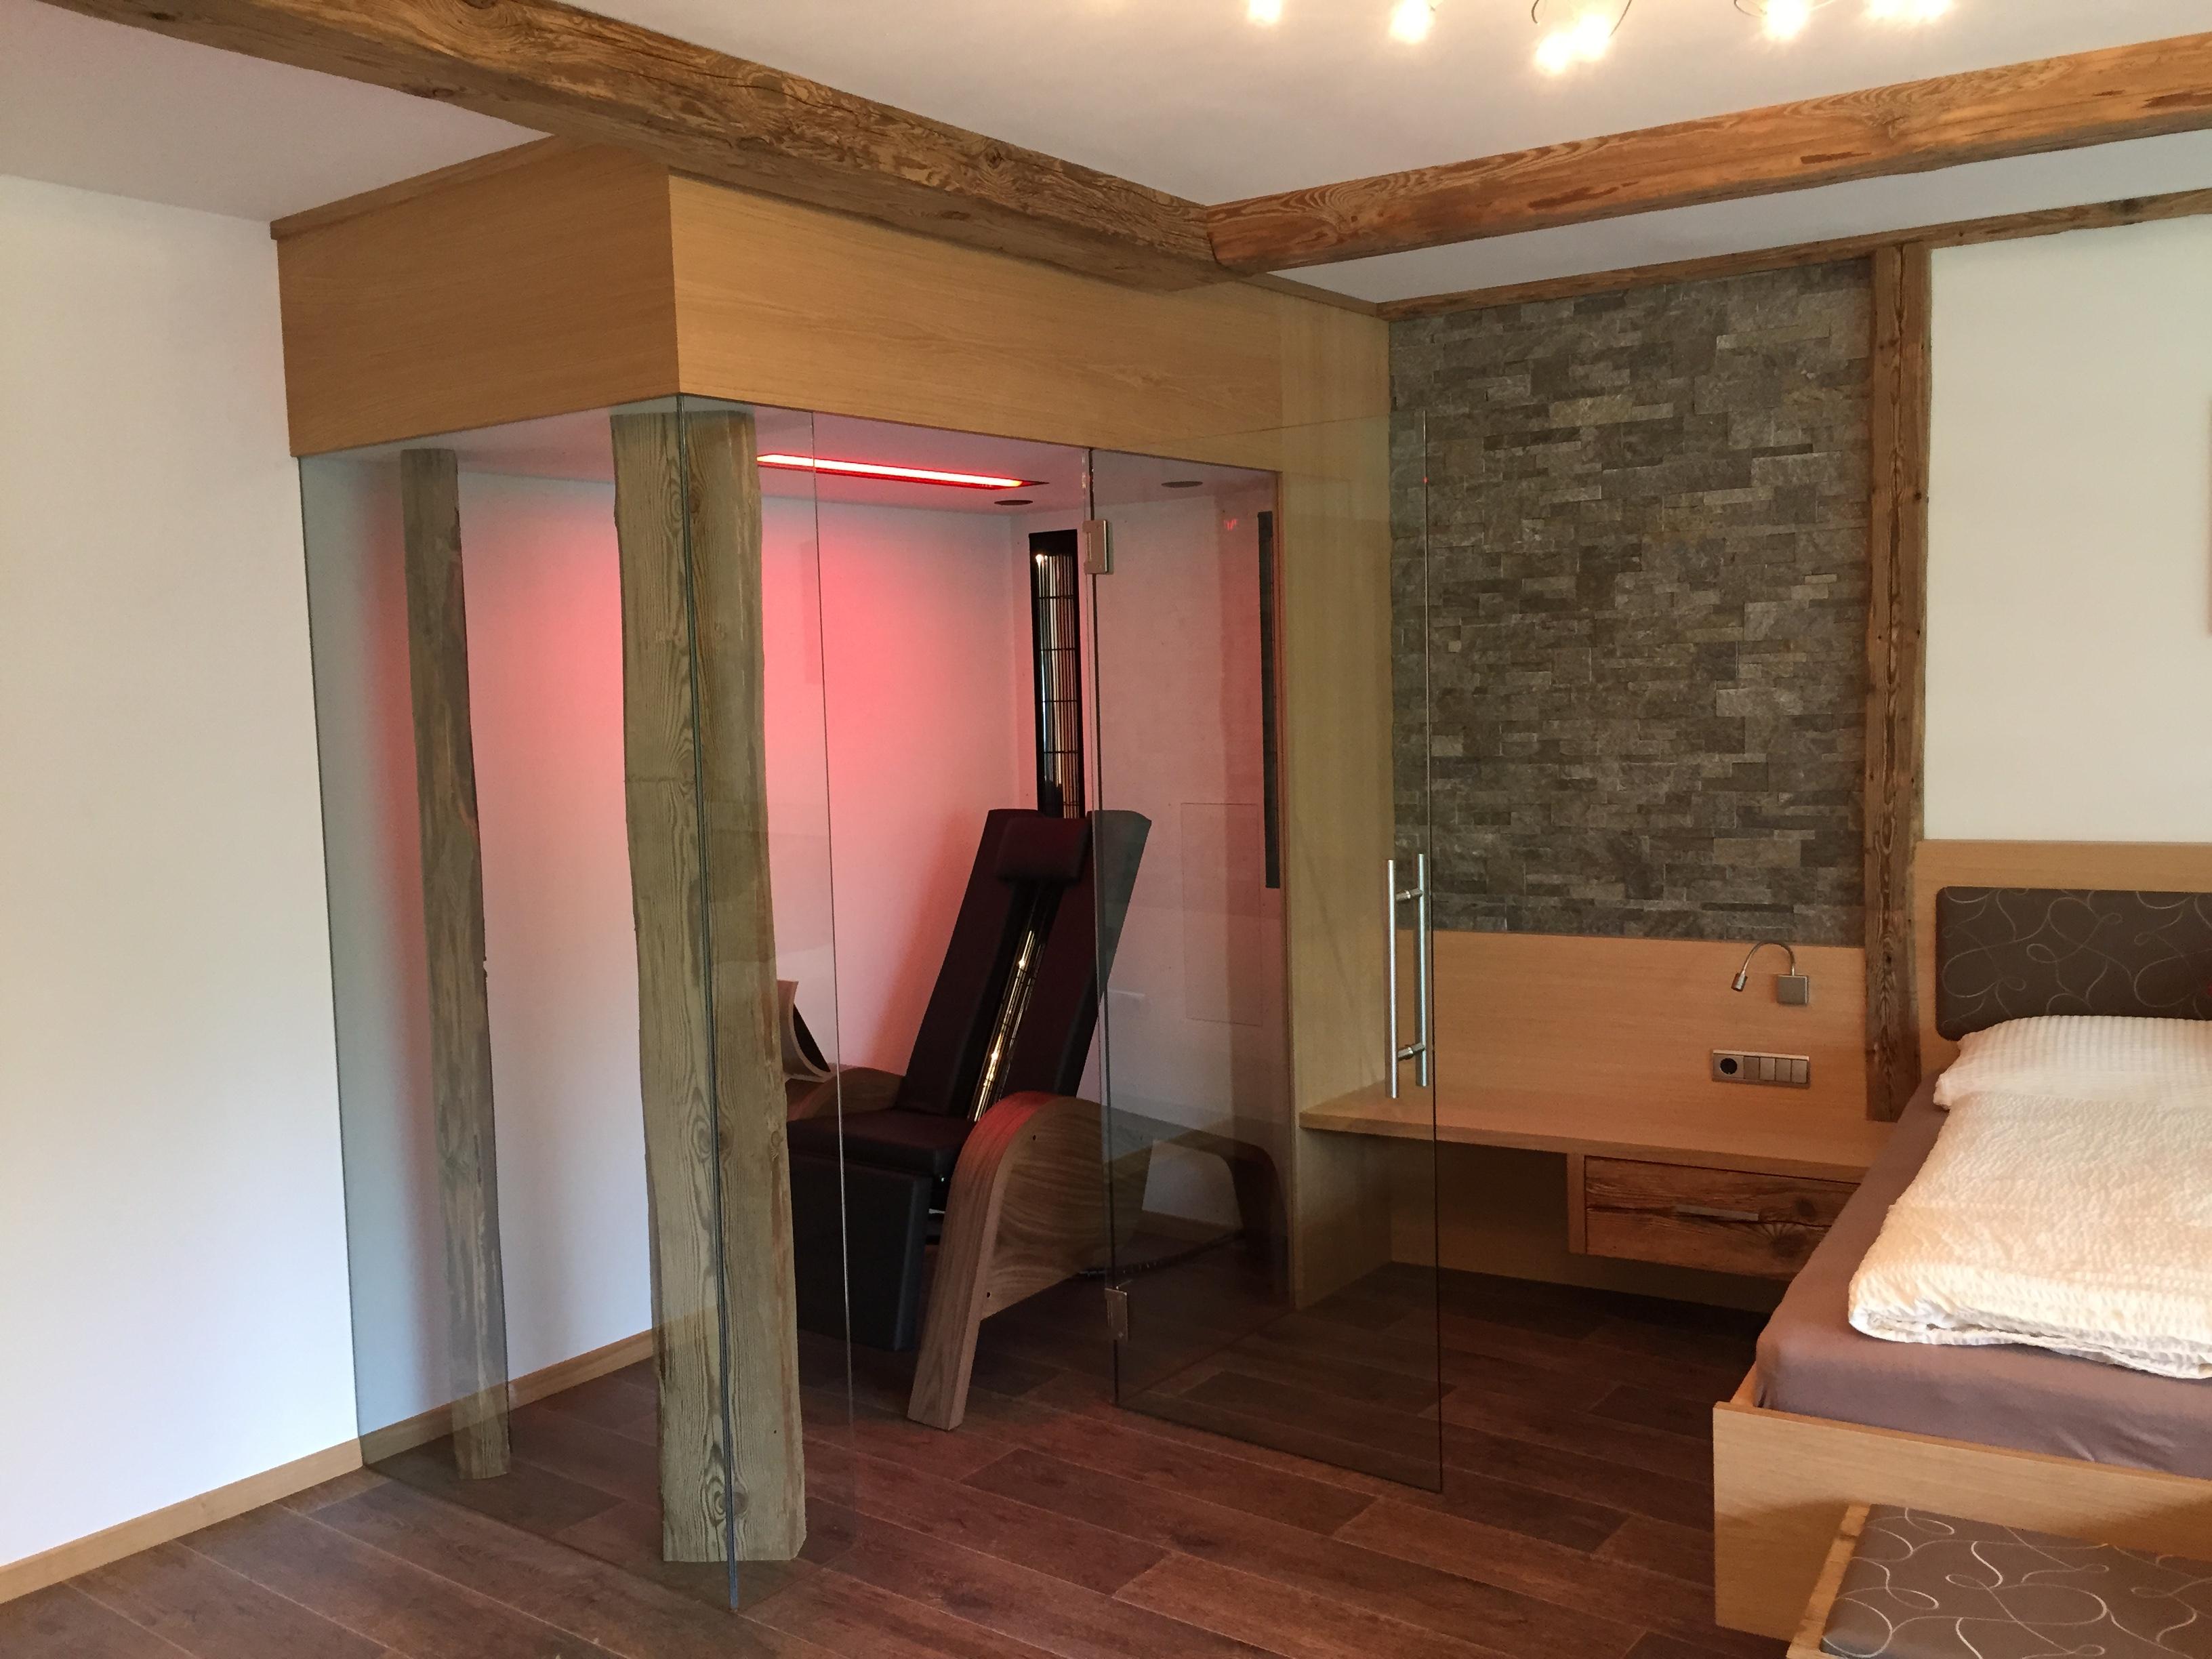 sauna infrarossi sdraiata su misura ristrutturazione casa - effetto vita